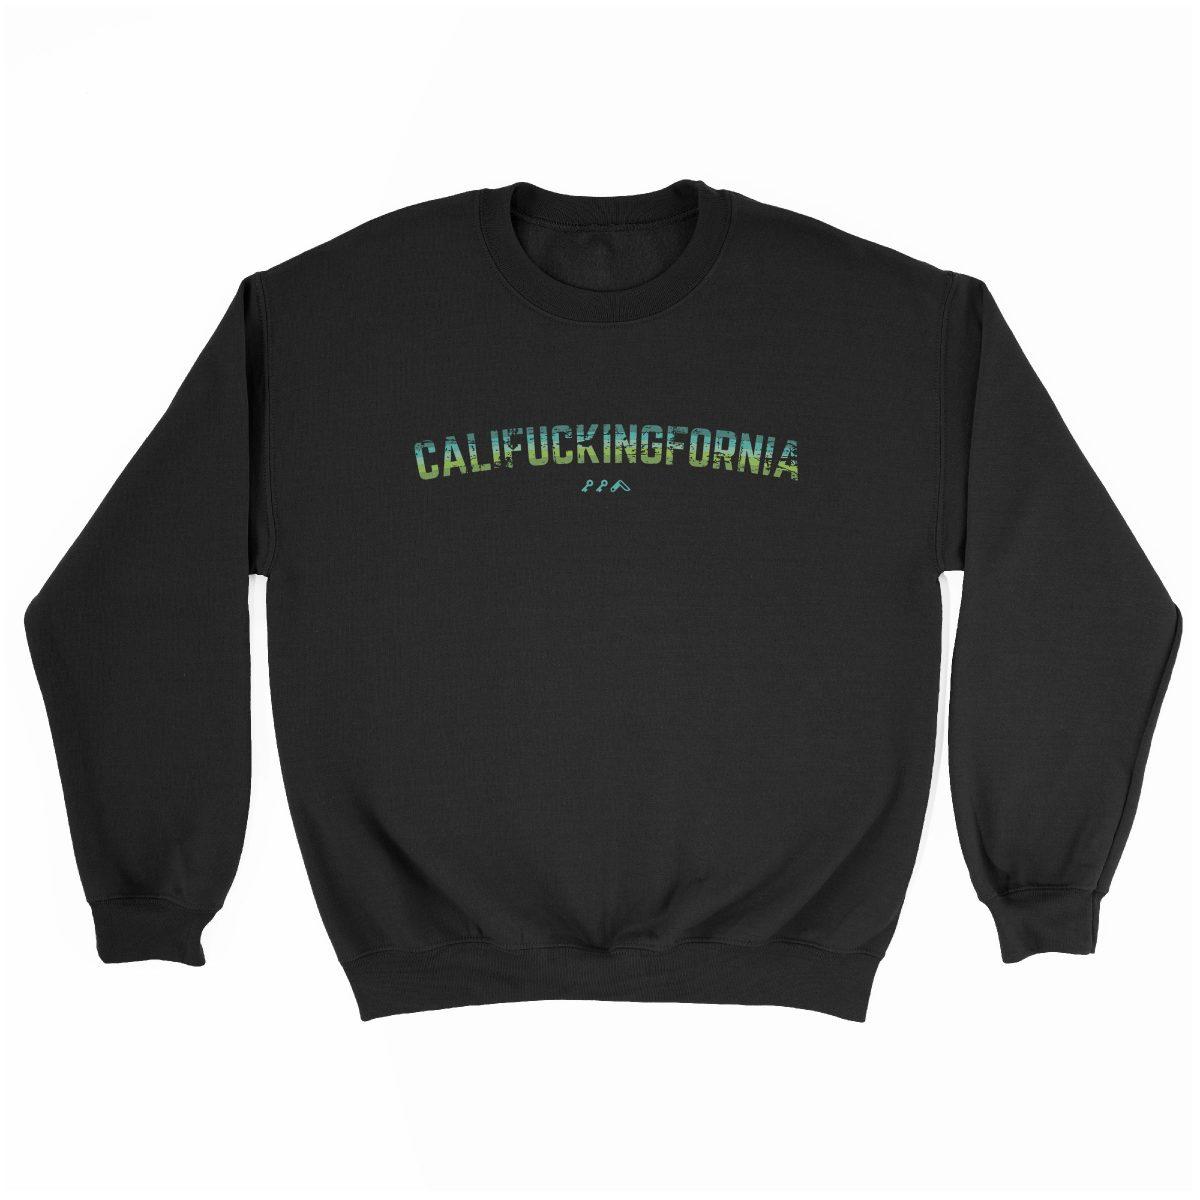 califuckingfornia 90s design retro sweatshirt in black by kikicutt sweatshirt store